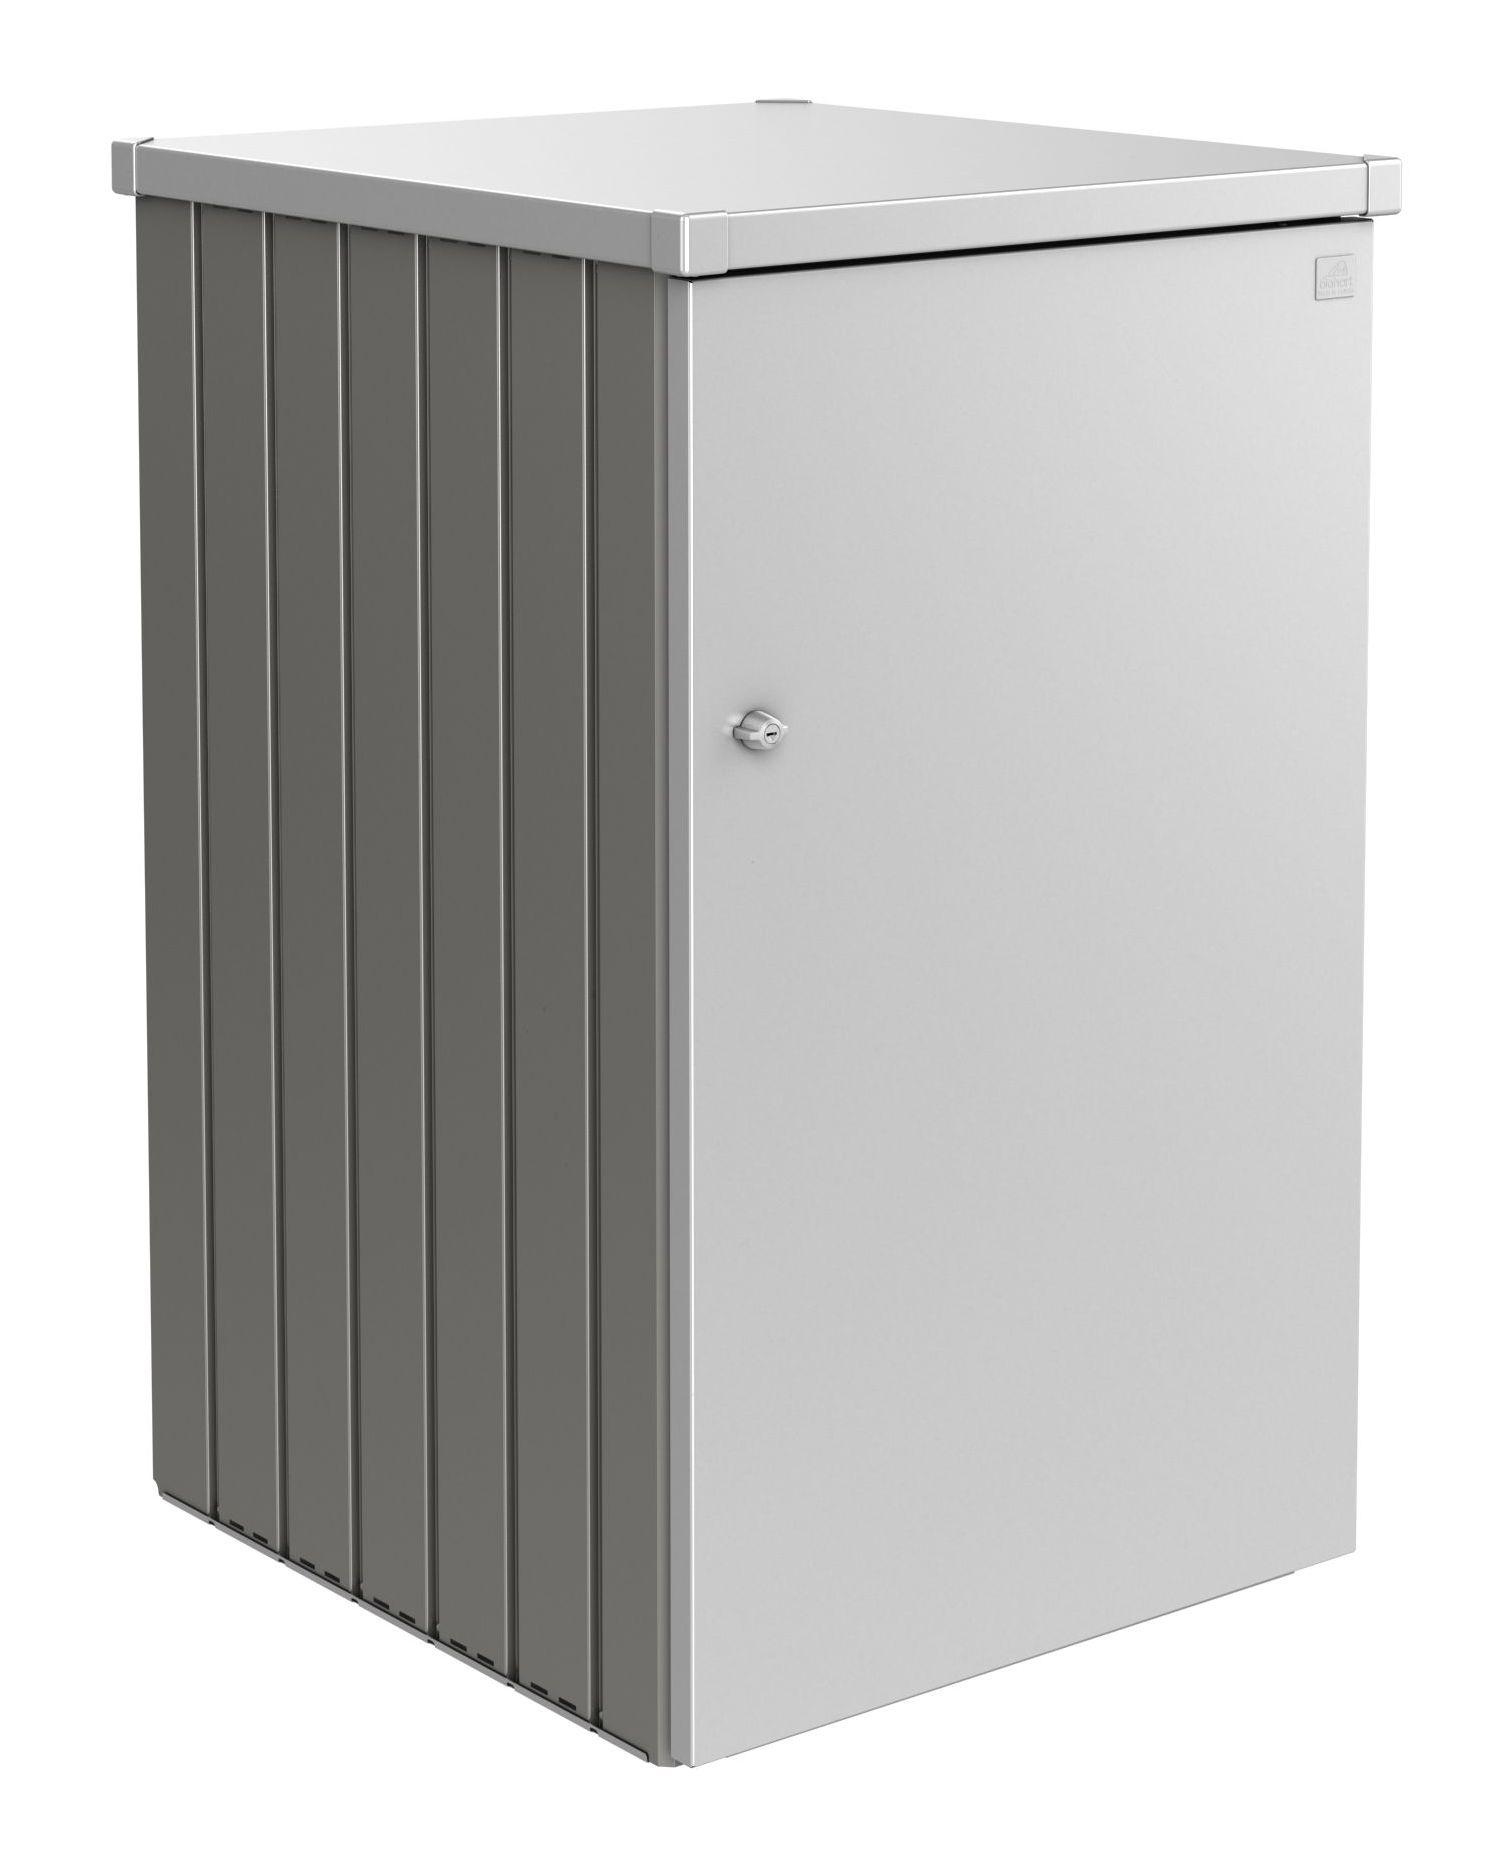 Biohort Box na popelnici Alex 2.1, šedý křemen metalíza/stříbrná metalíza